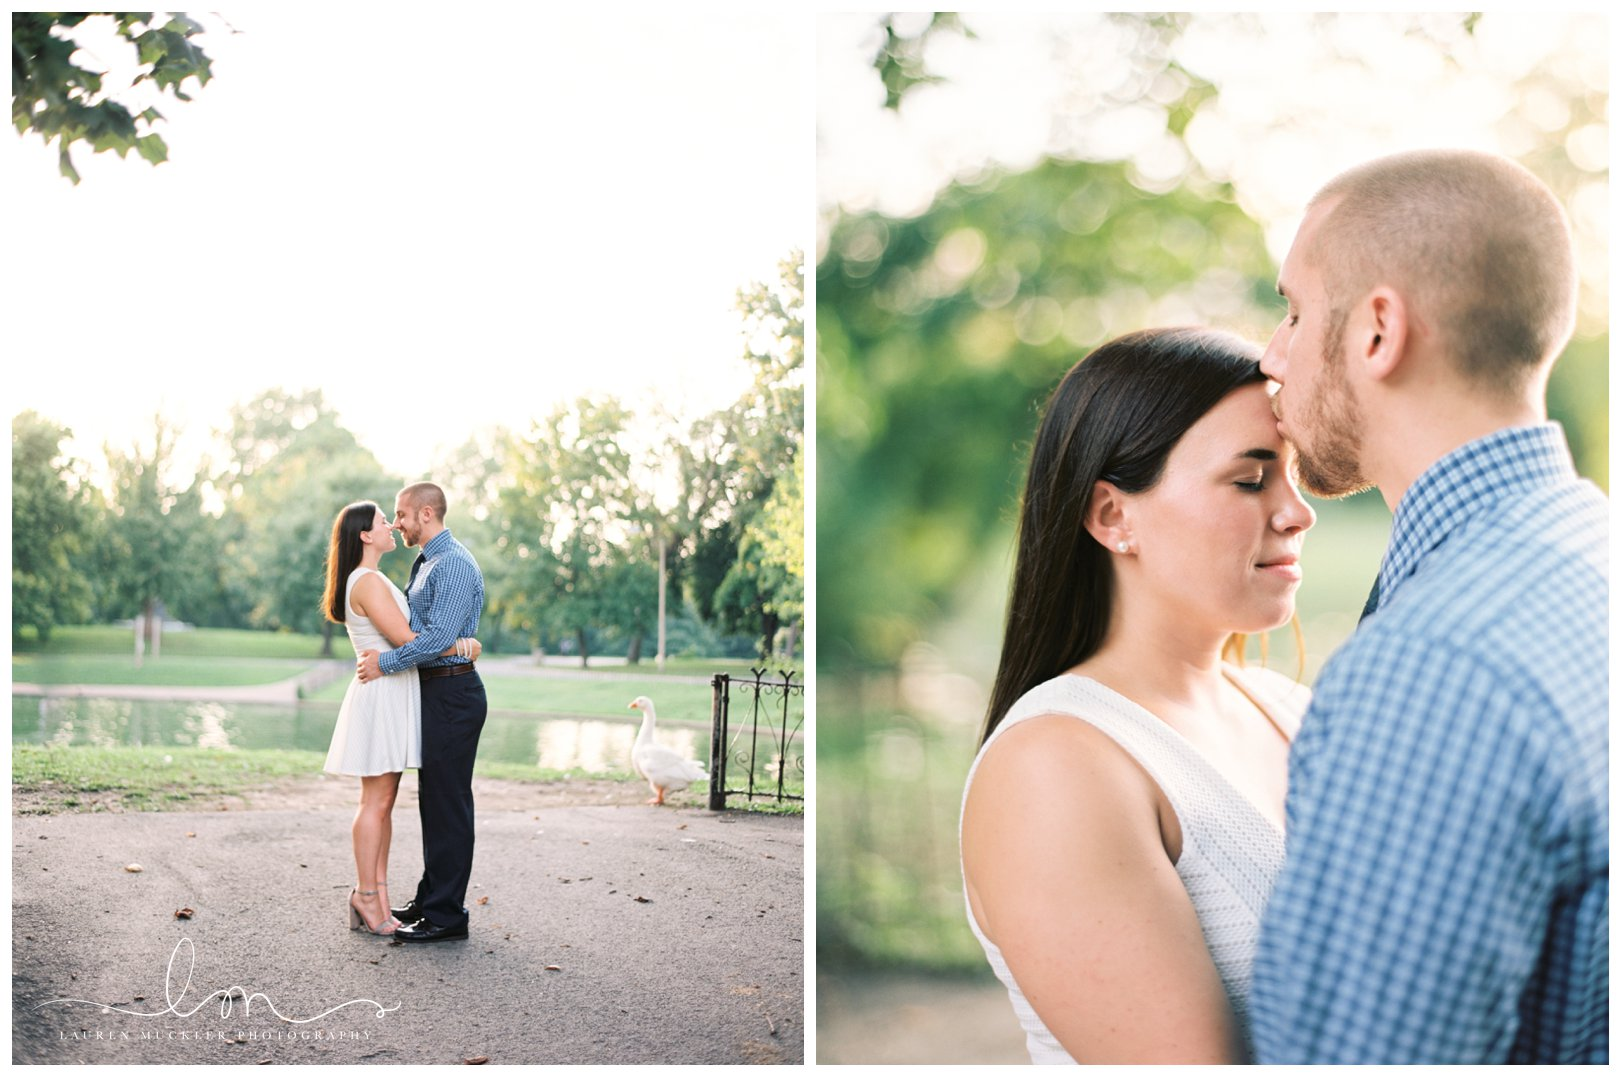 lauren muckler photography_fine art film wedding photography_st louis_photography_0541.jpg